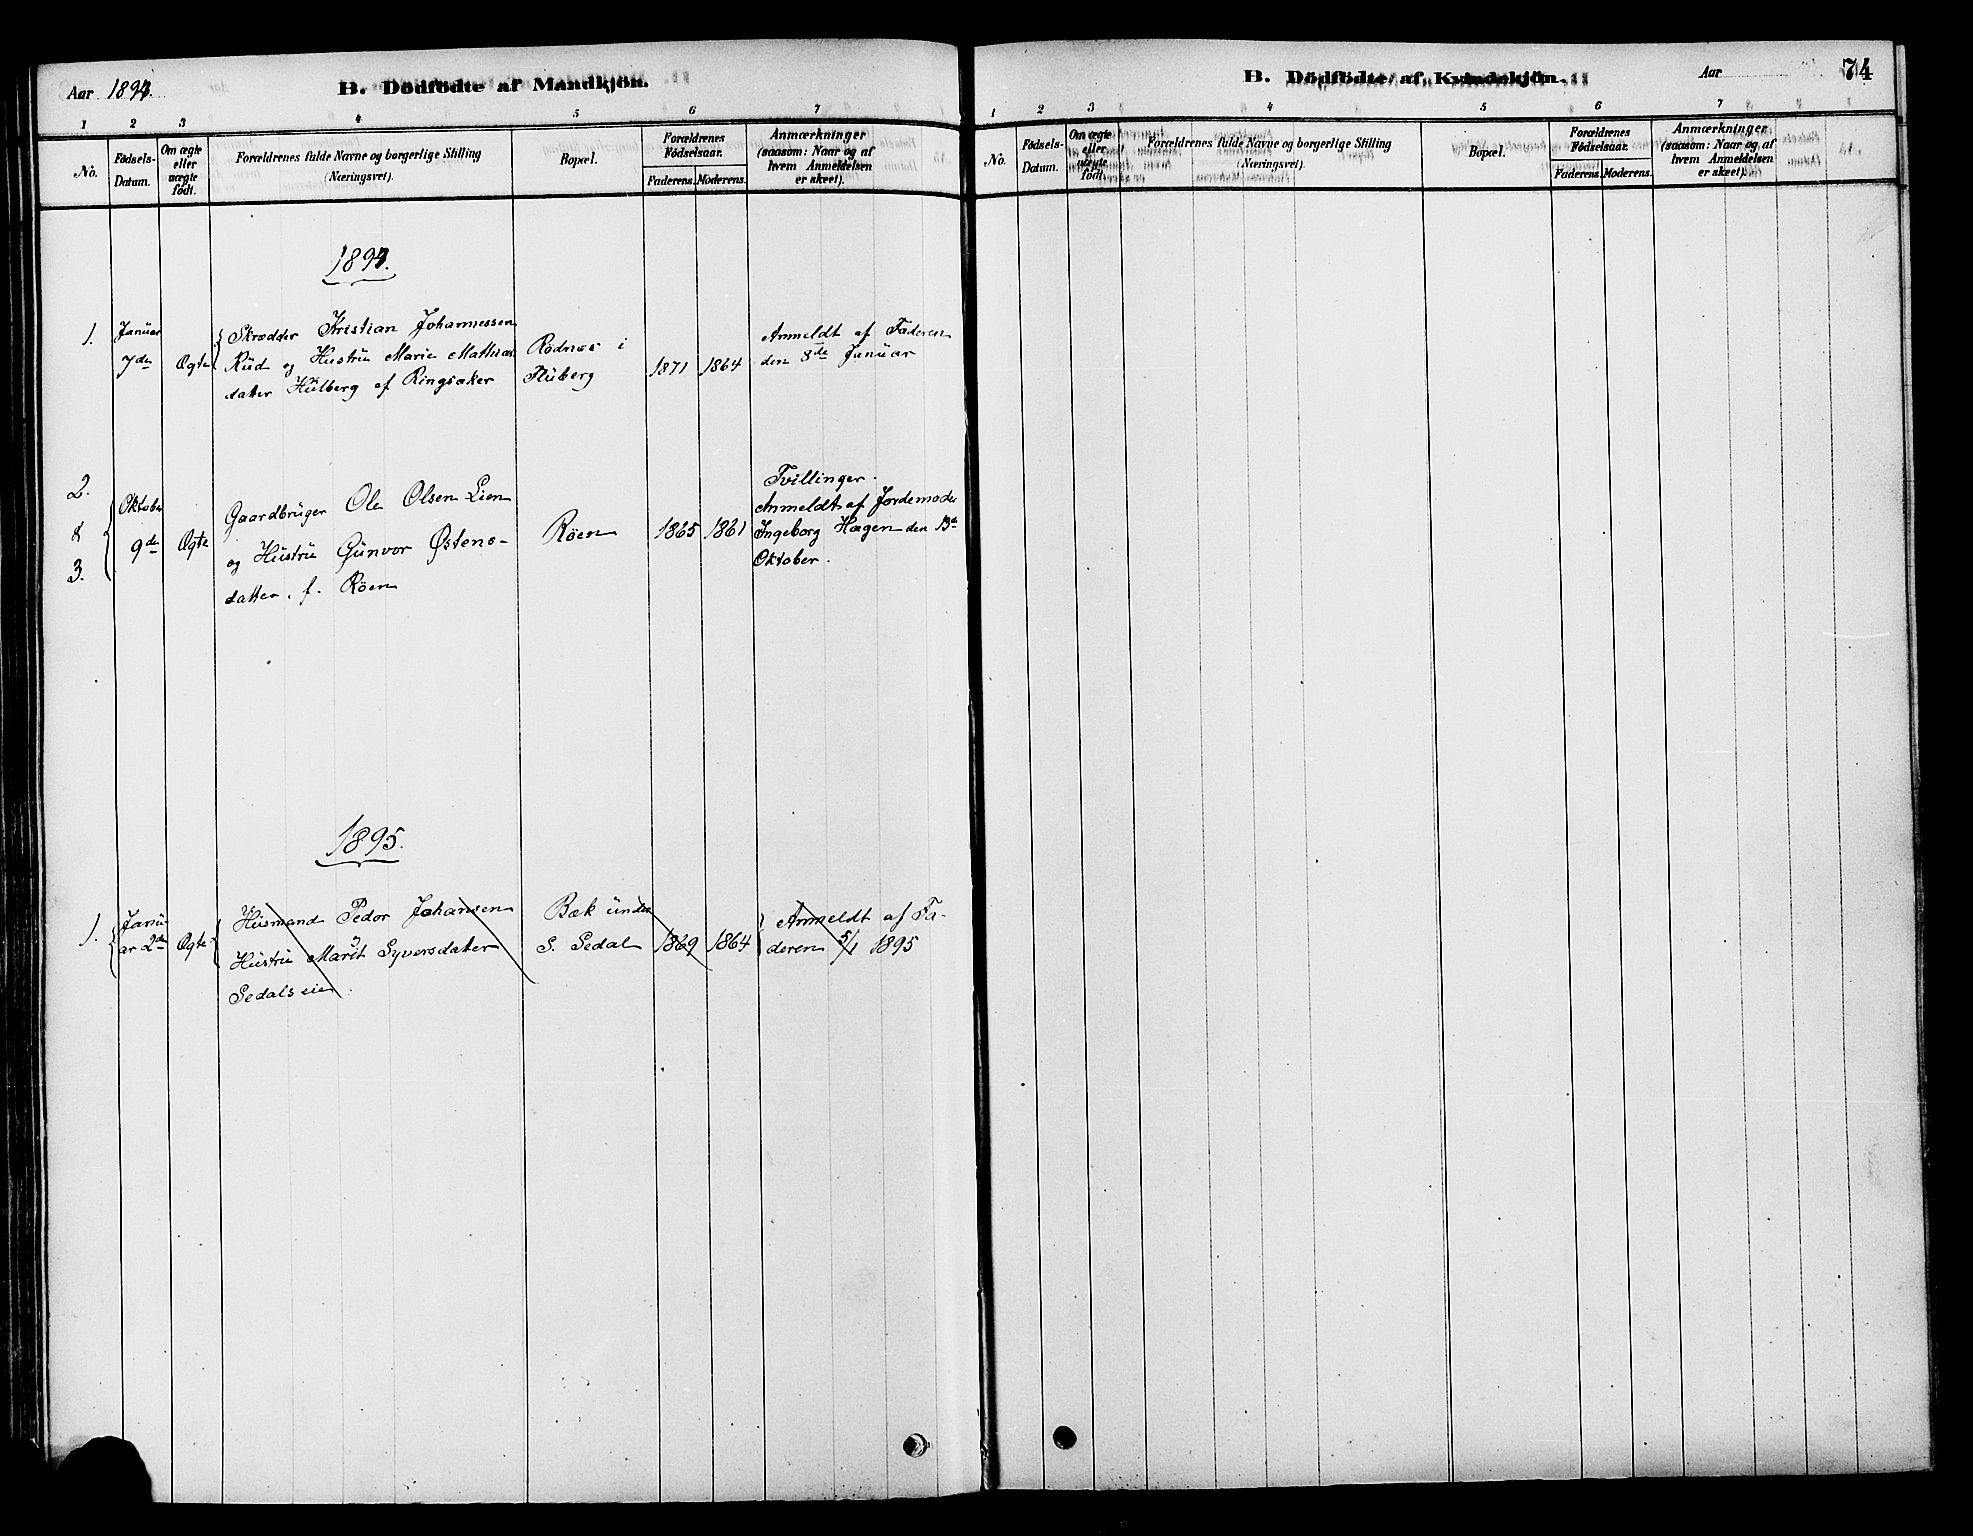 SAH, Søndre Land prestekontor, K/L0002: Ministerialbok nr. 2, 1878-1894, s. 74